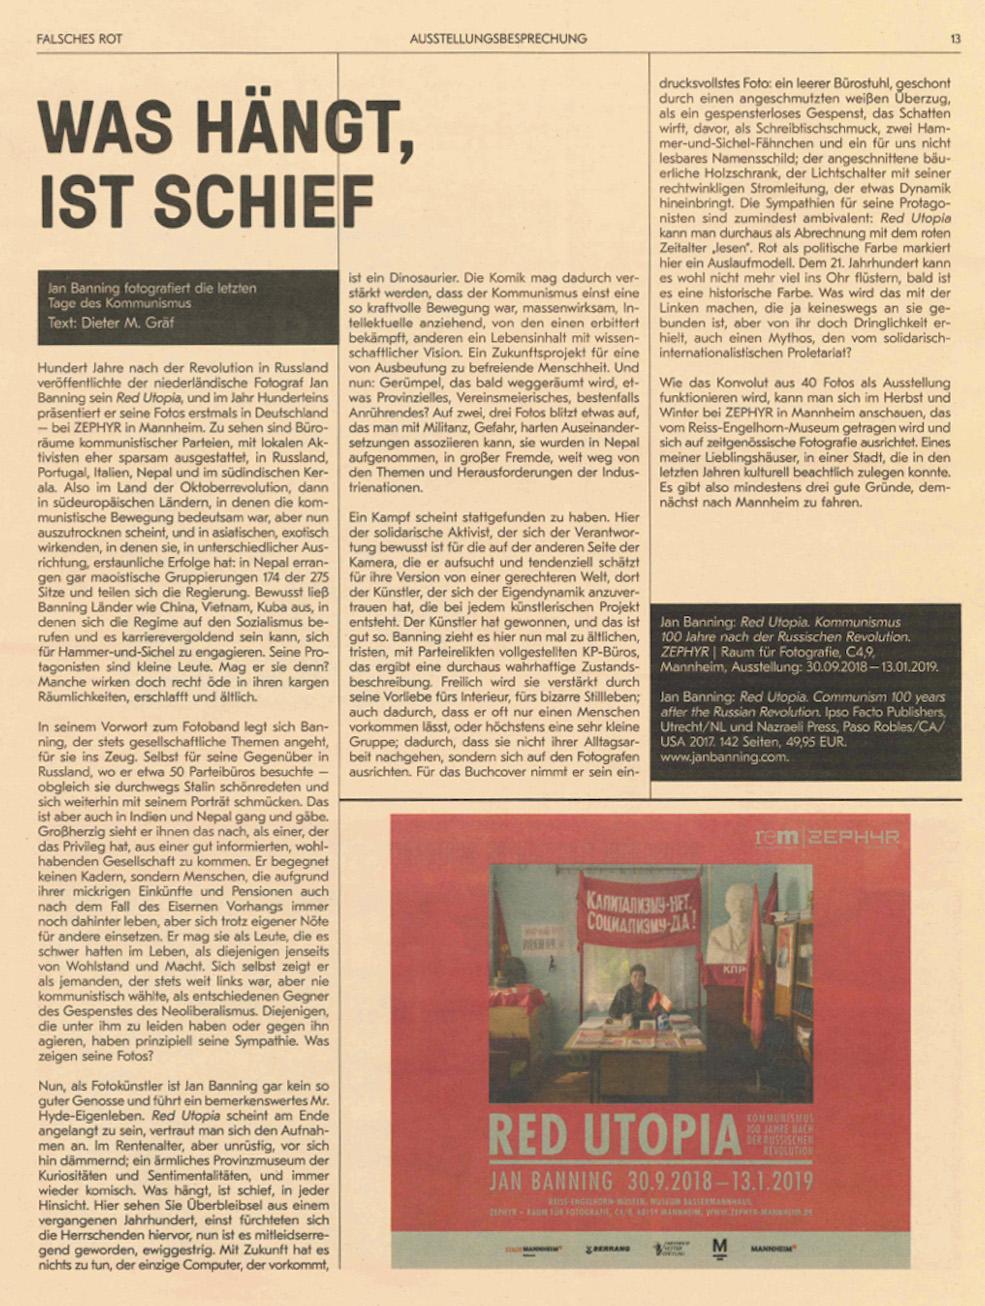 """10/2018:  Dieter M. Gräf : Was hängt ist schief. Zeitung anlässlich der Ausstelung """"Falsches Rot"""" im Literaturhaus Stuttgart."""